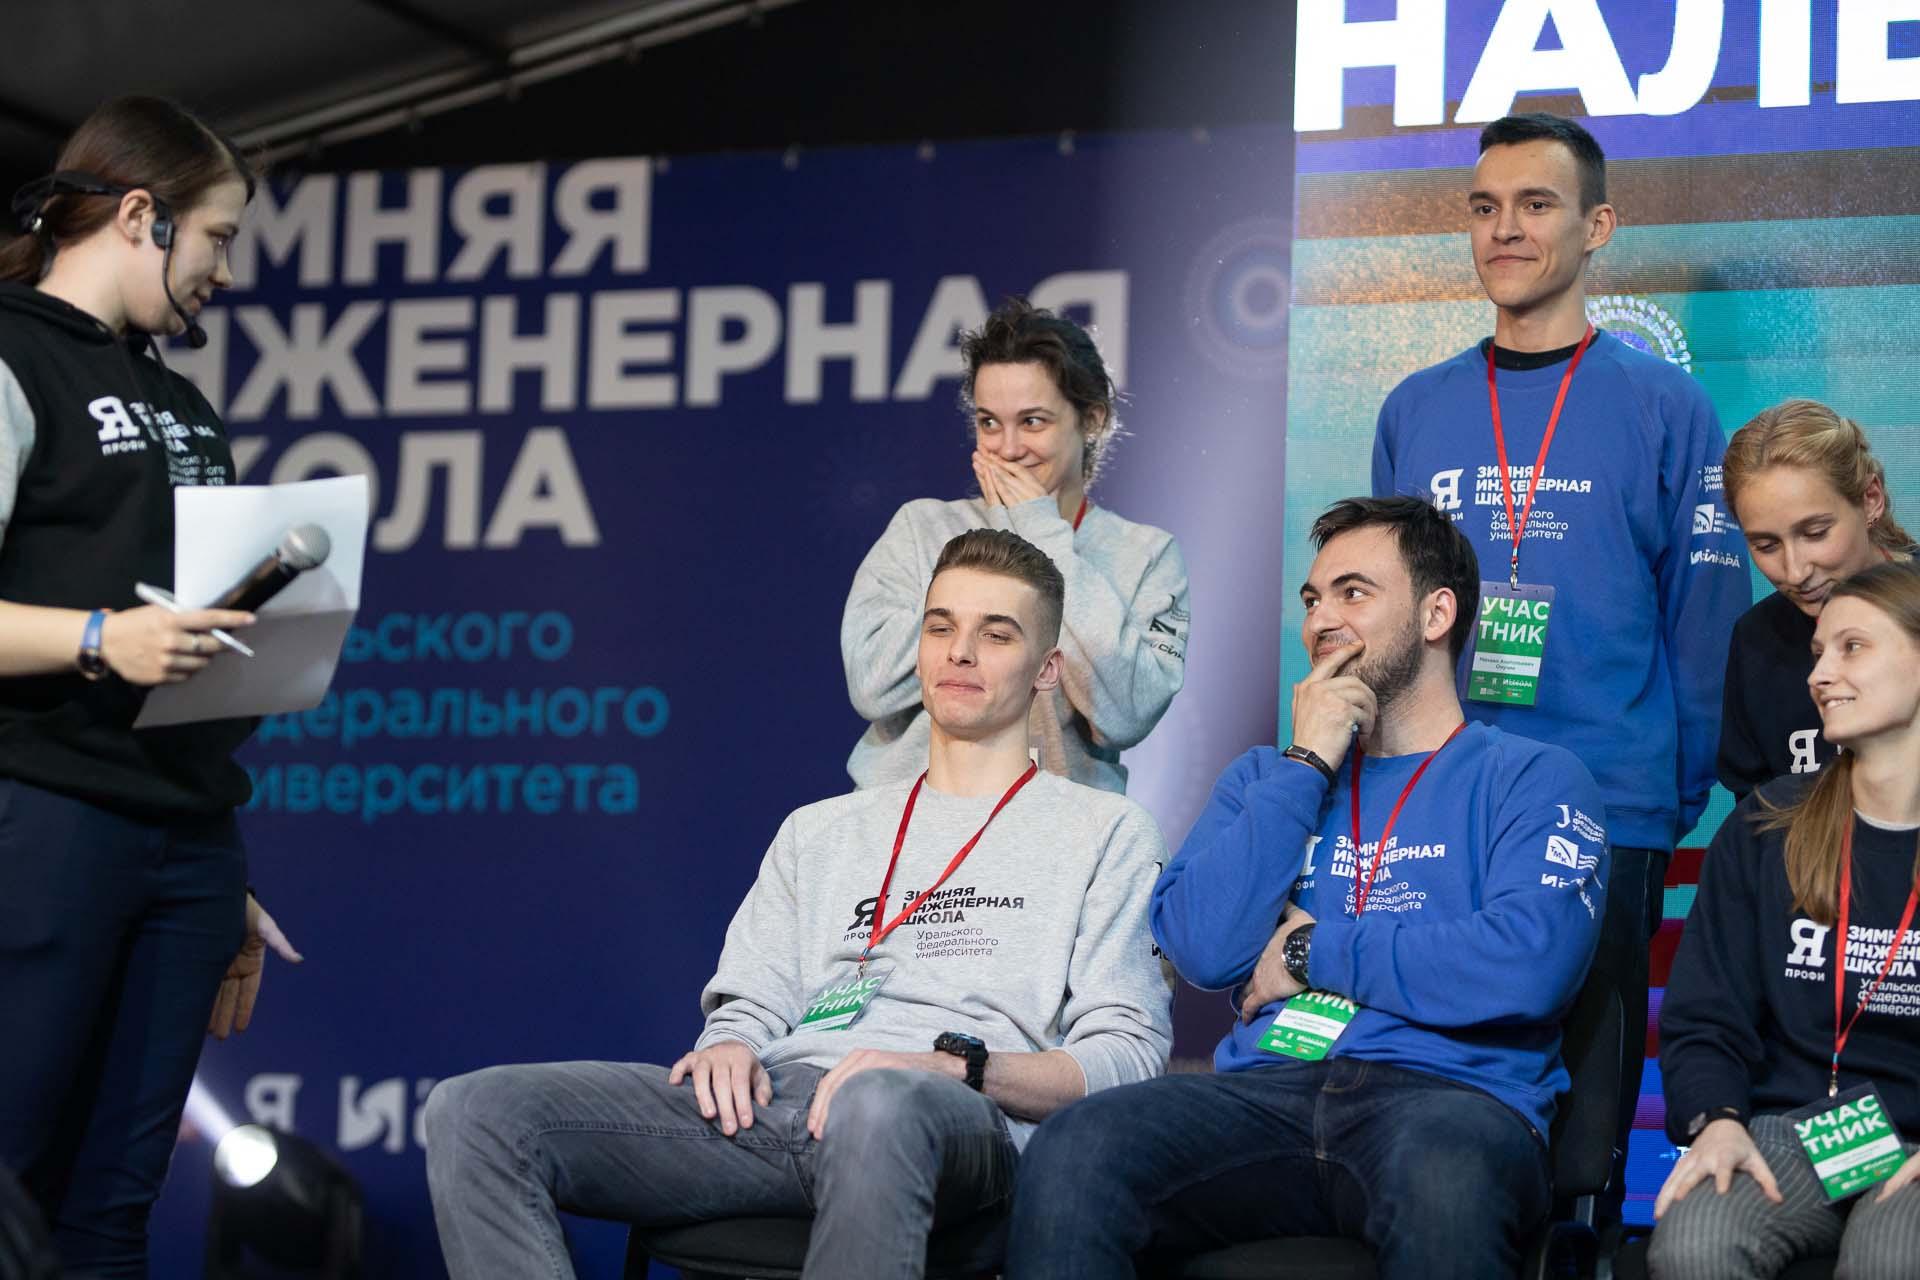 ТМК и Группа Синара выступают партнерами зимней школы в рамках олимпиады «я — профессионал»